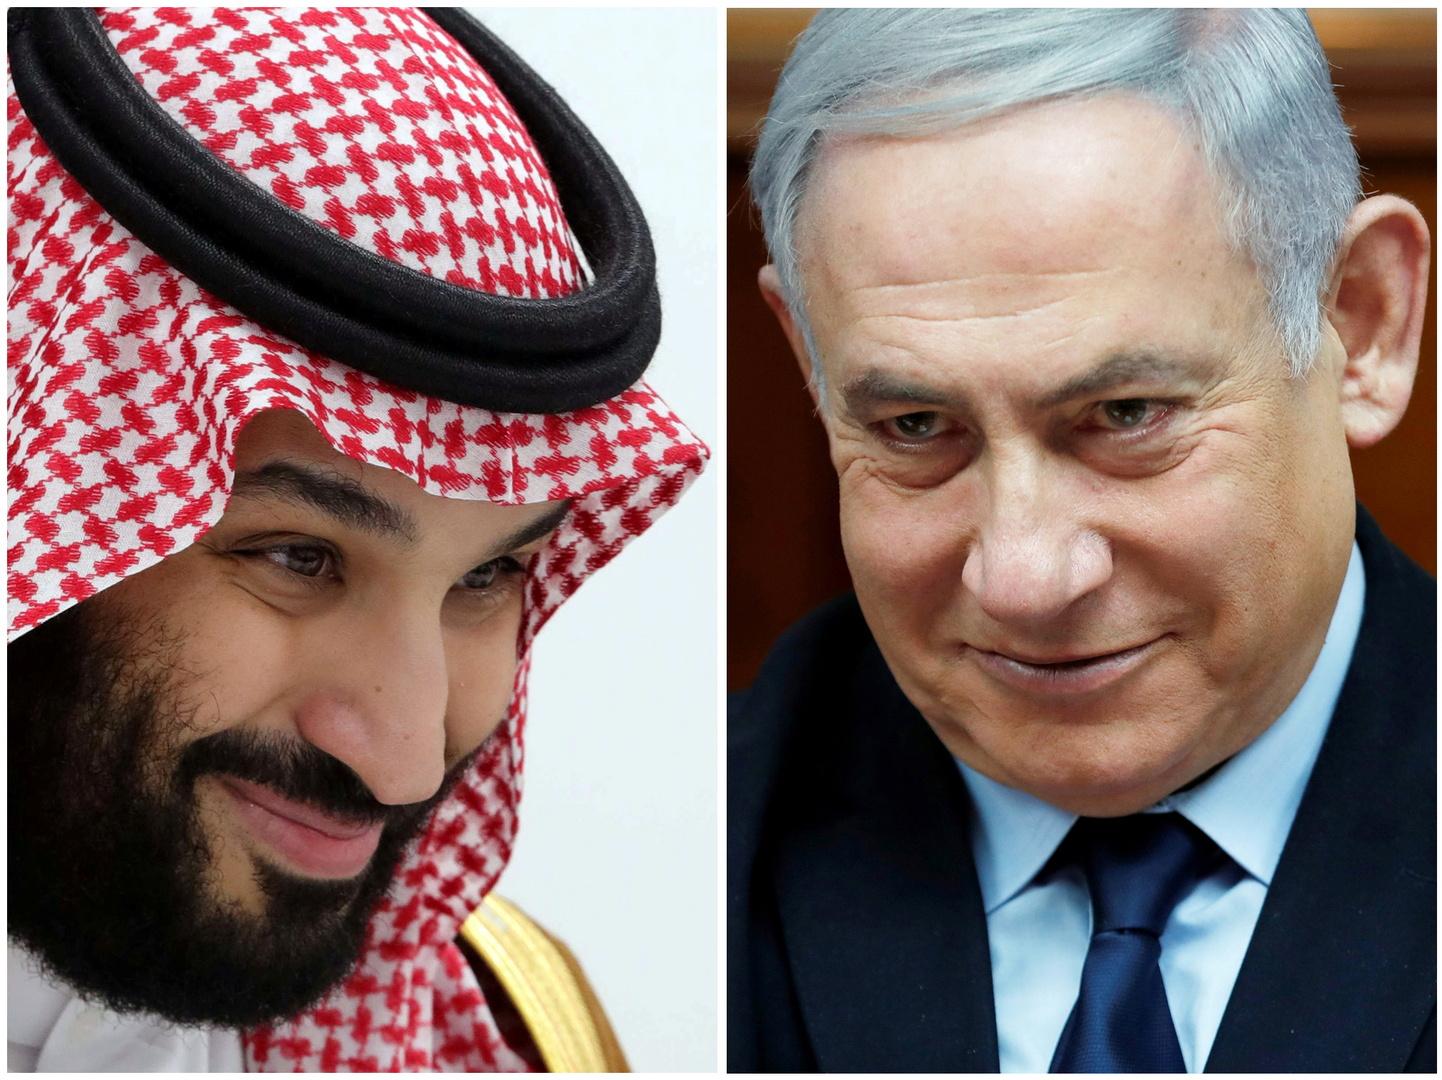 كان على إسرائيل أن تعتذر للسعودية